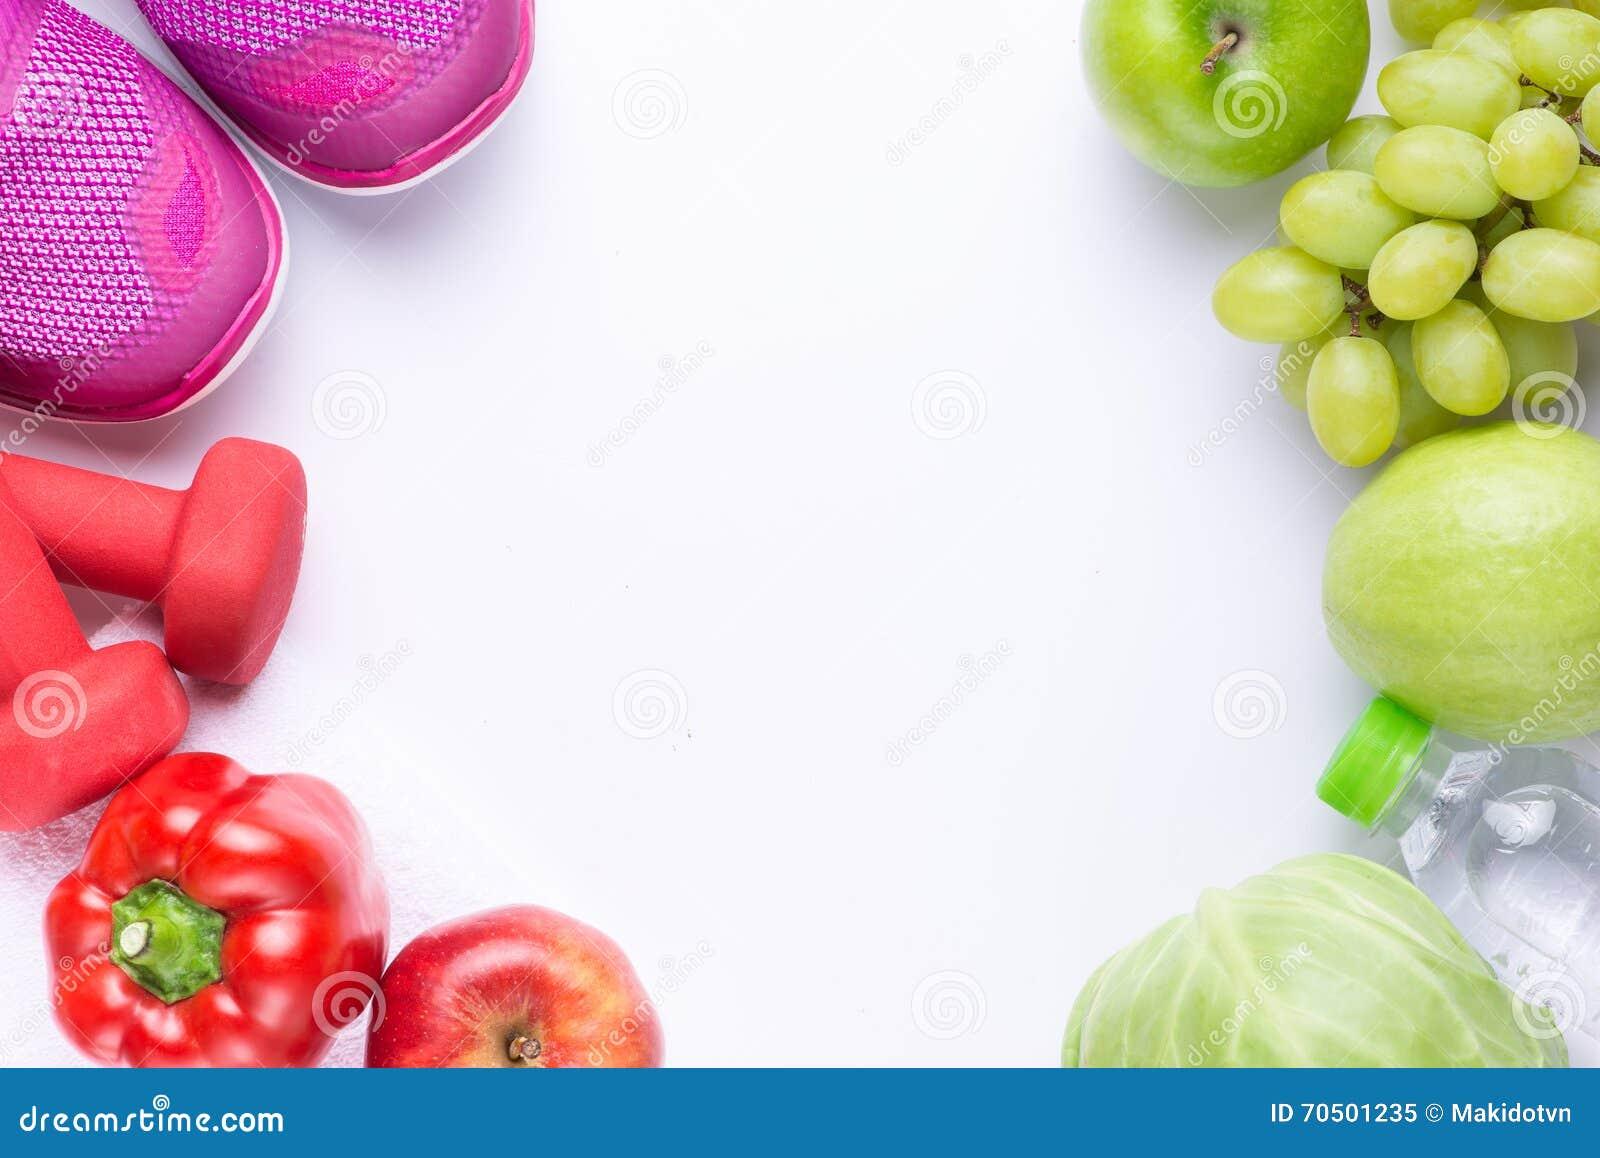 Upplösningar äter sunt, förlorar vikt och sammanfogar idrottshall, nya frukter, hantlar för kondition och måttbandet, sund livsst